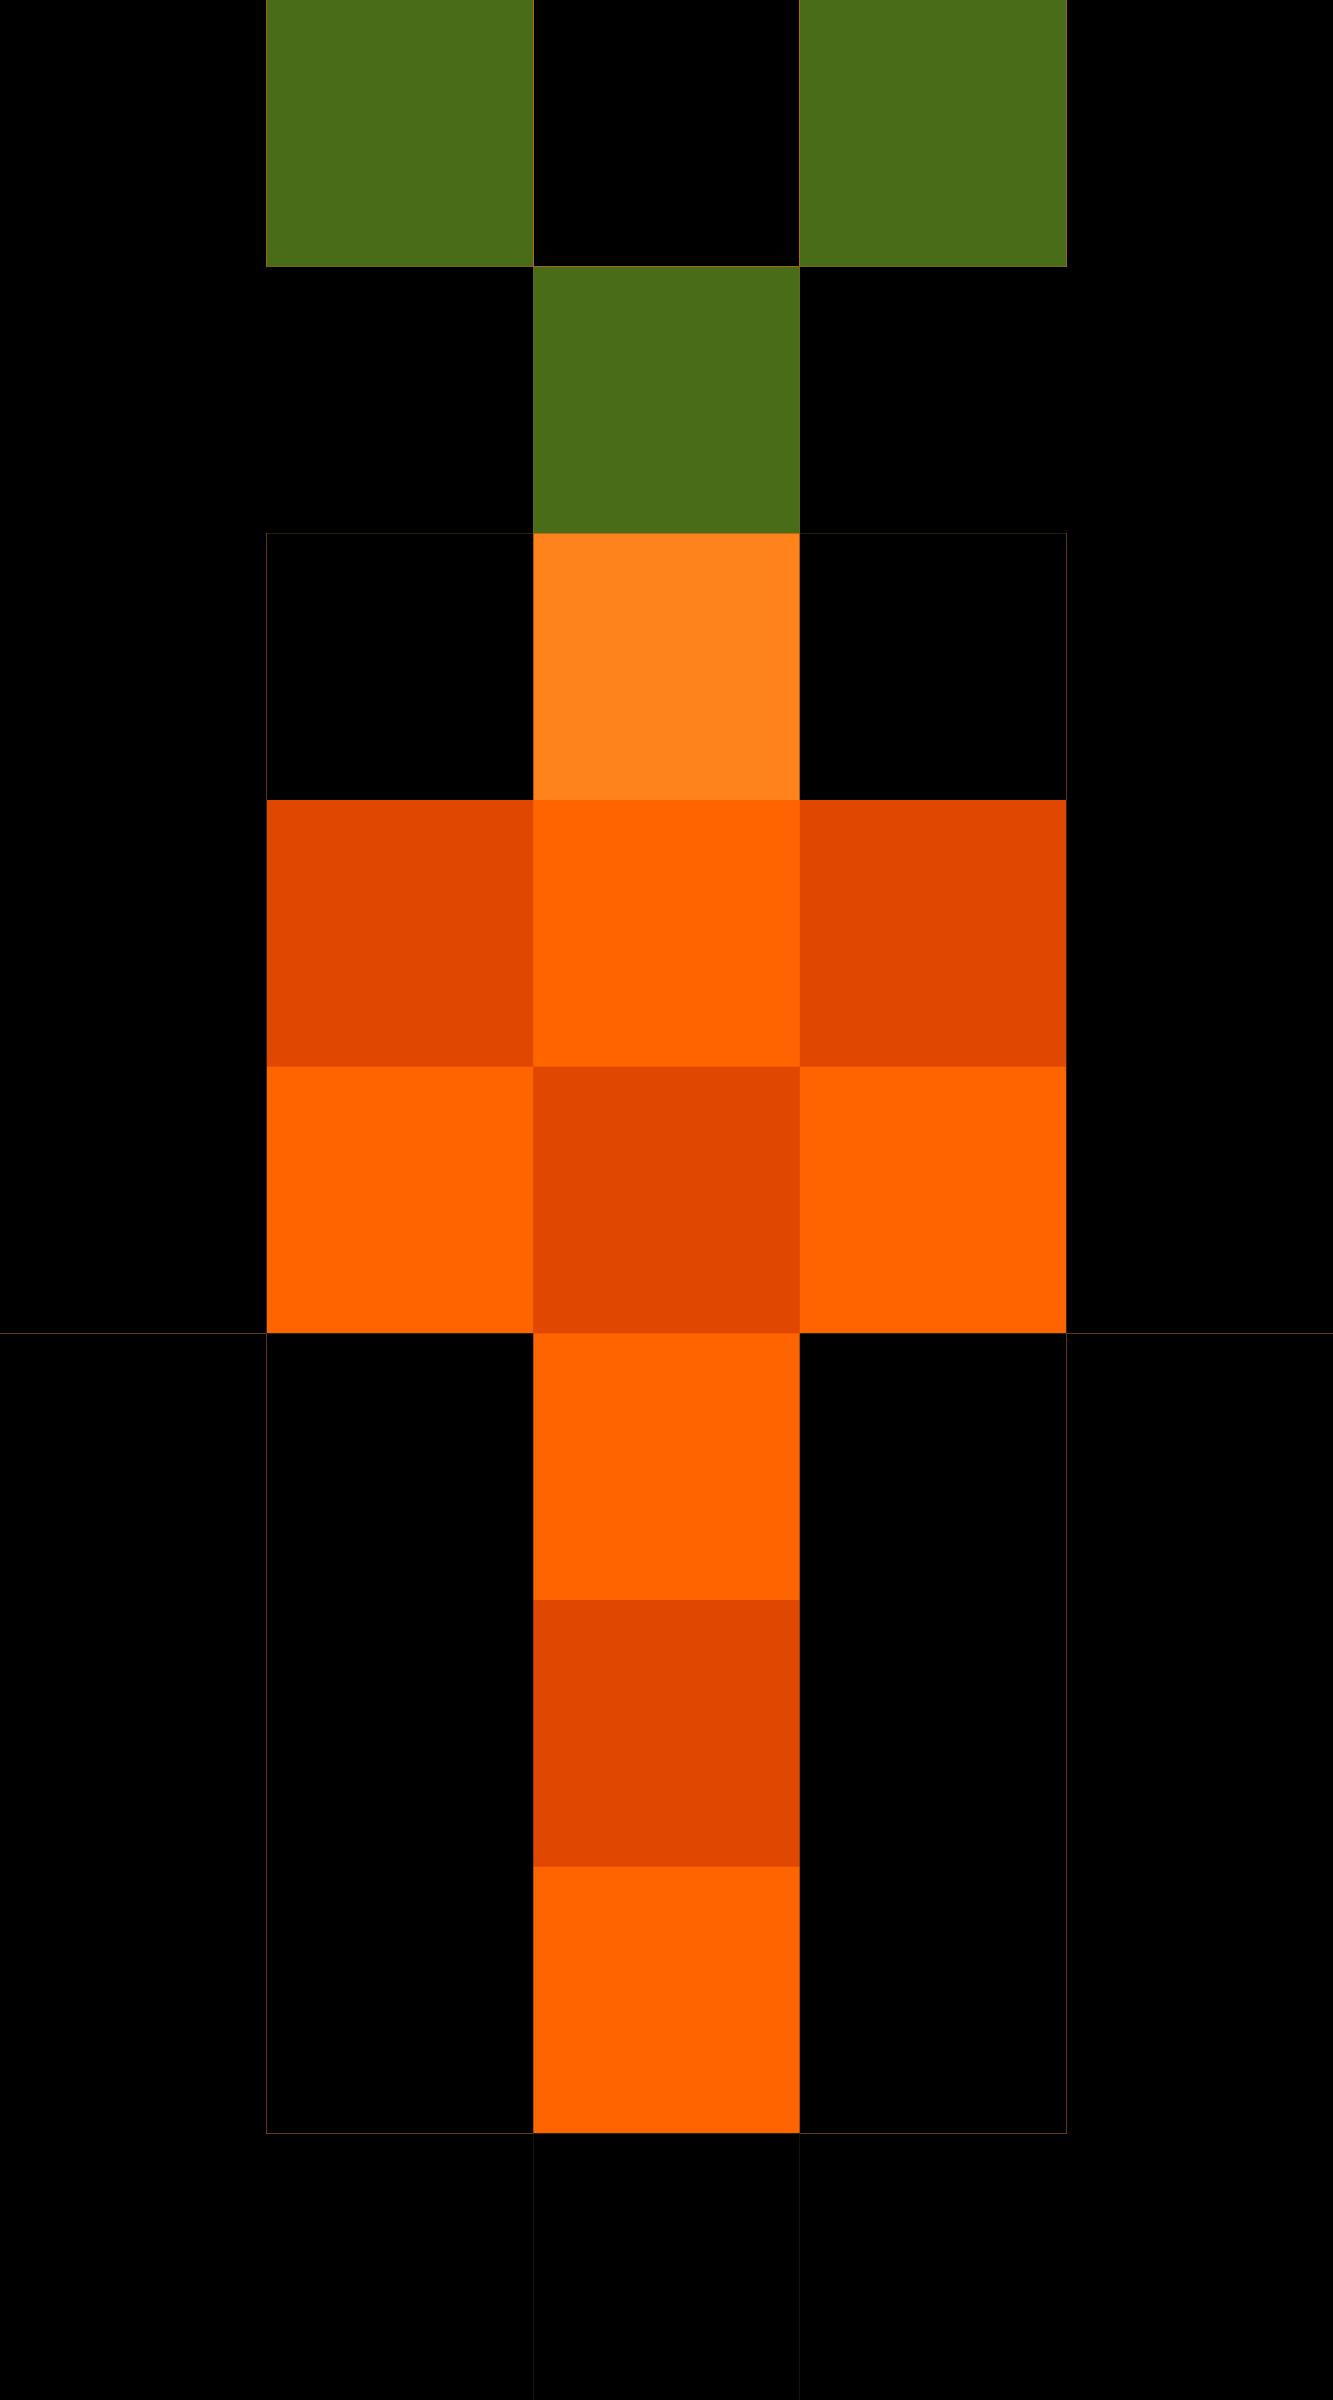 Logs clipart pixel. Carrot